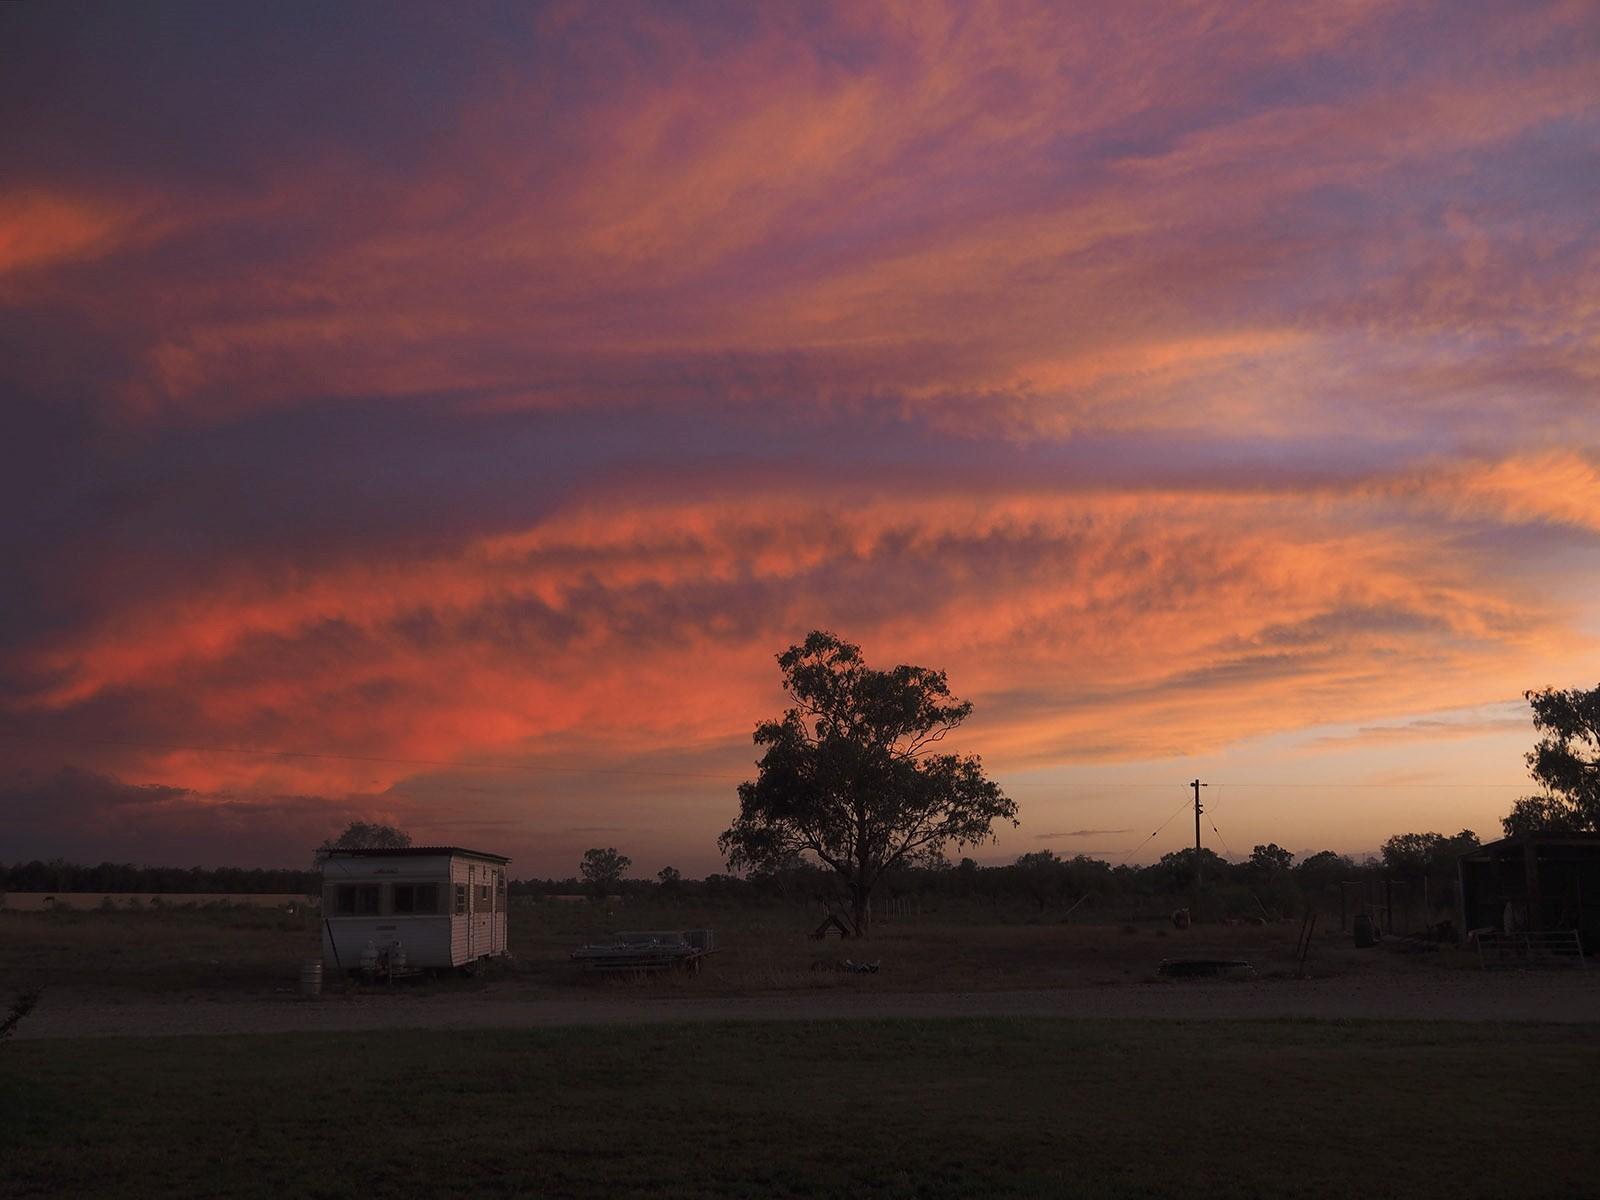 coucher de soleil outback australien